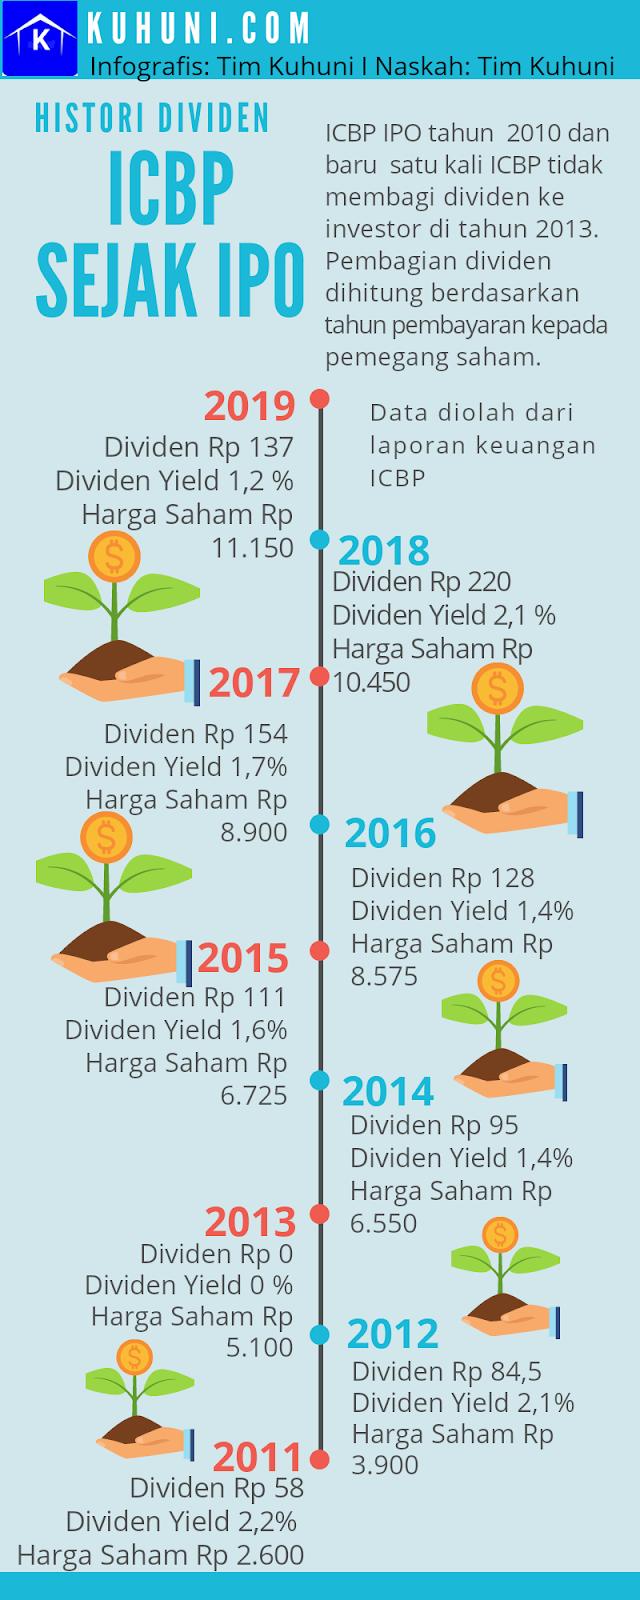 Histori, Sejarah Dividen ICBP Sejak IPO Tahunn 2010. ICBP rutin membagi dividen mulai tahun 2011, 2012, 2014, 2015 sampai 2018 dan 2019